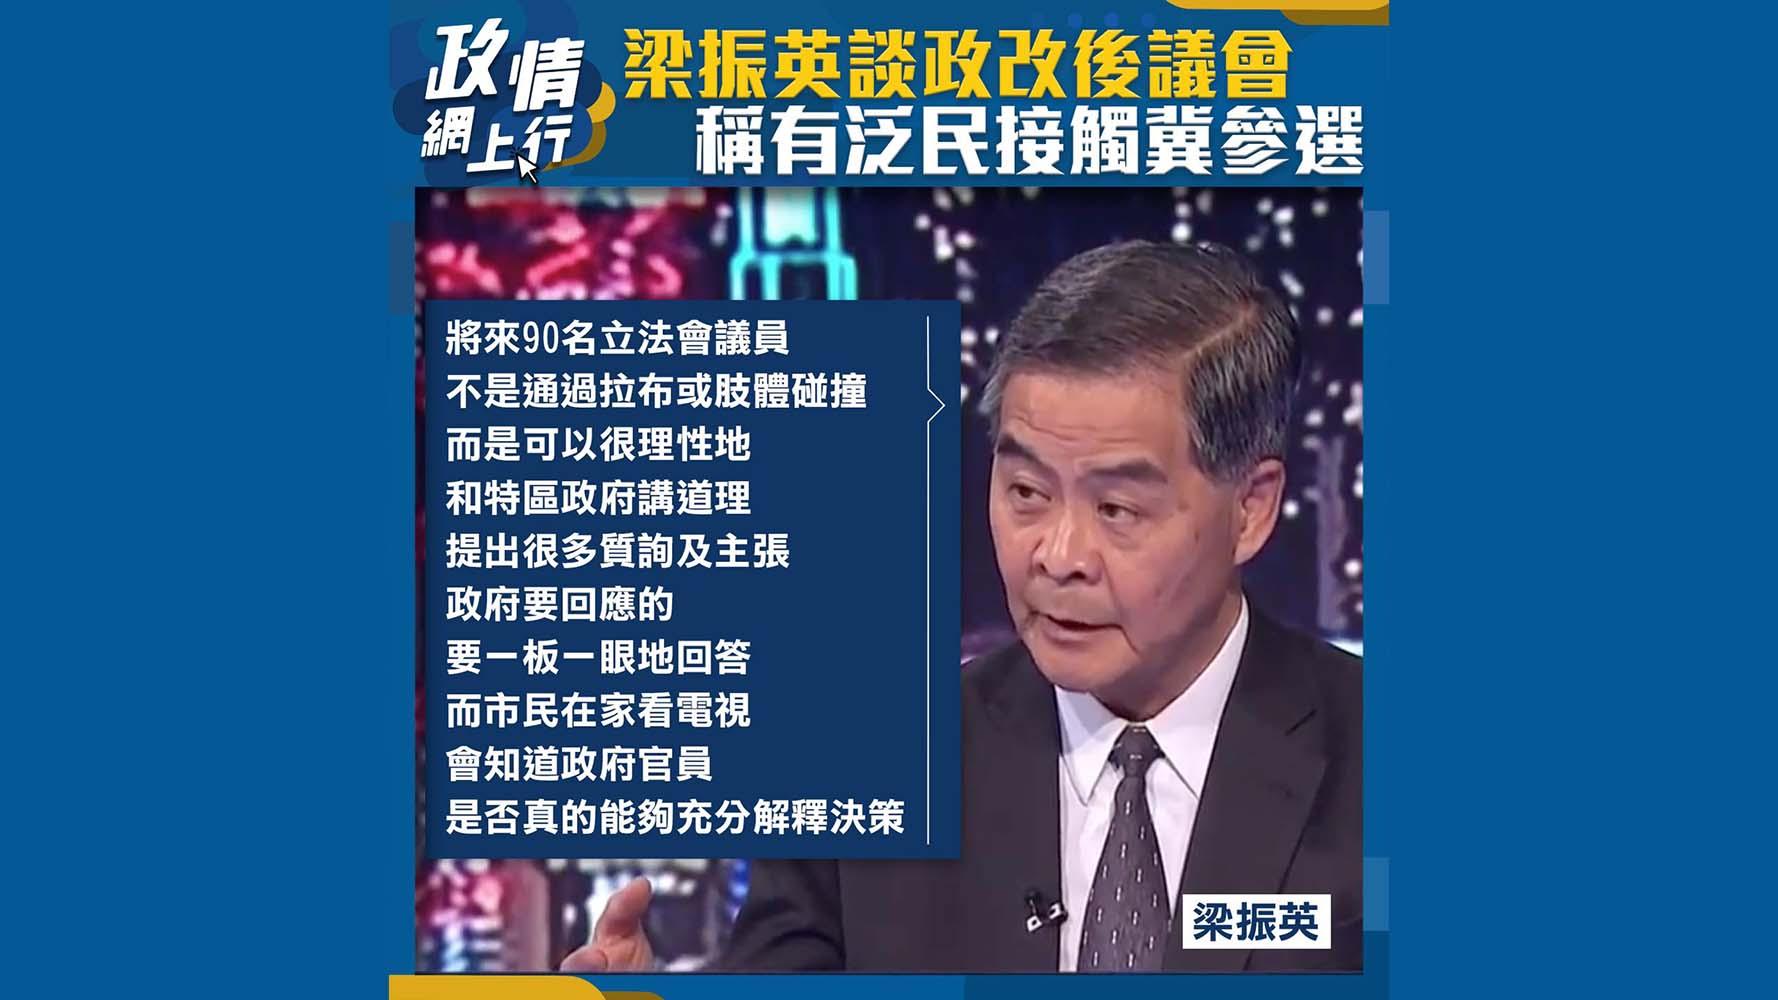 【政情網上行】梁振英談政改後議會 稱有泛民接觸冀參選